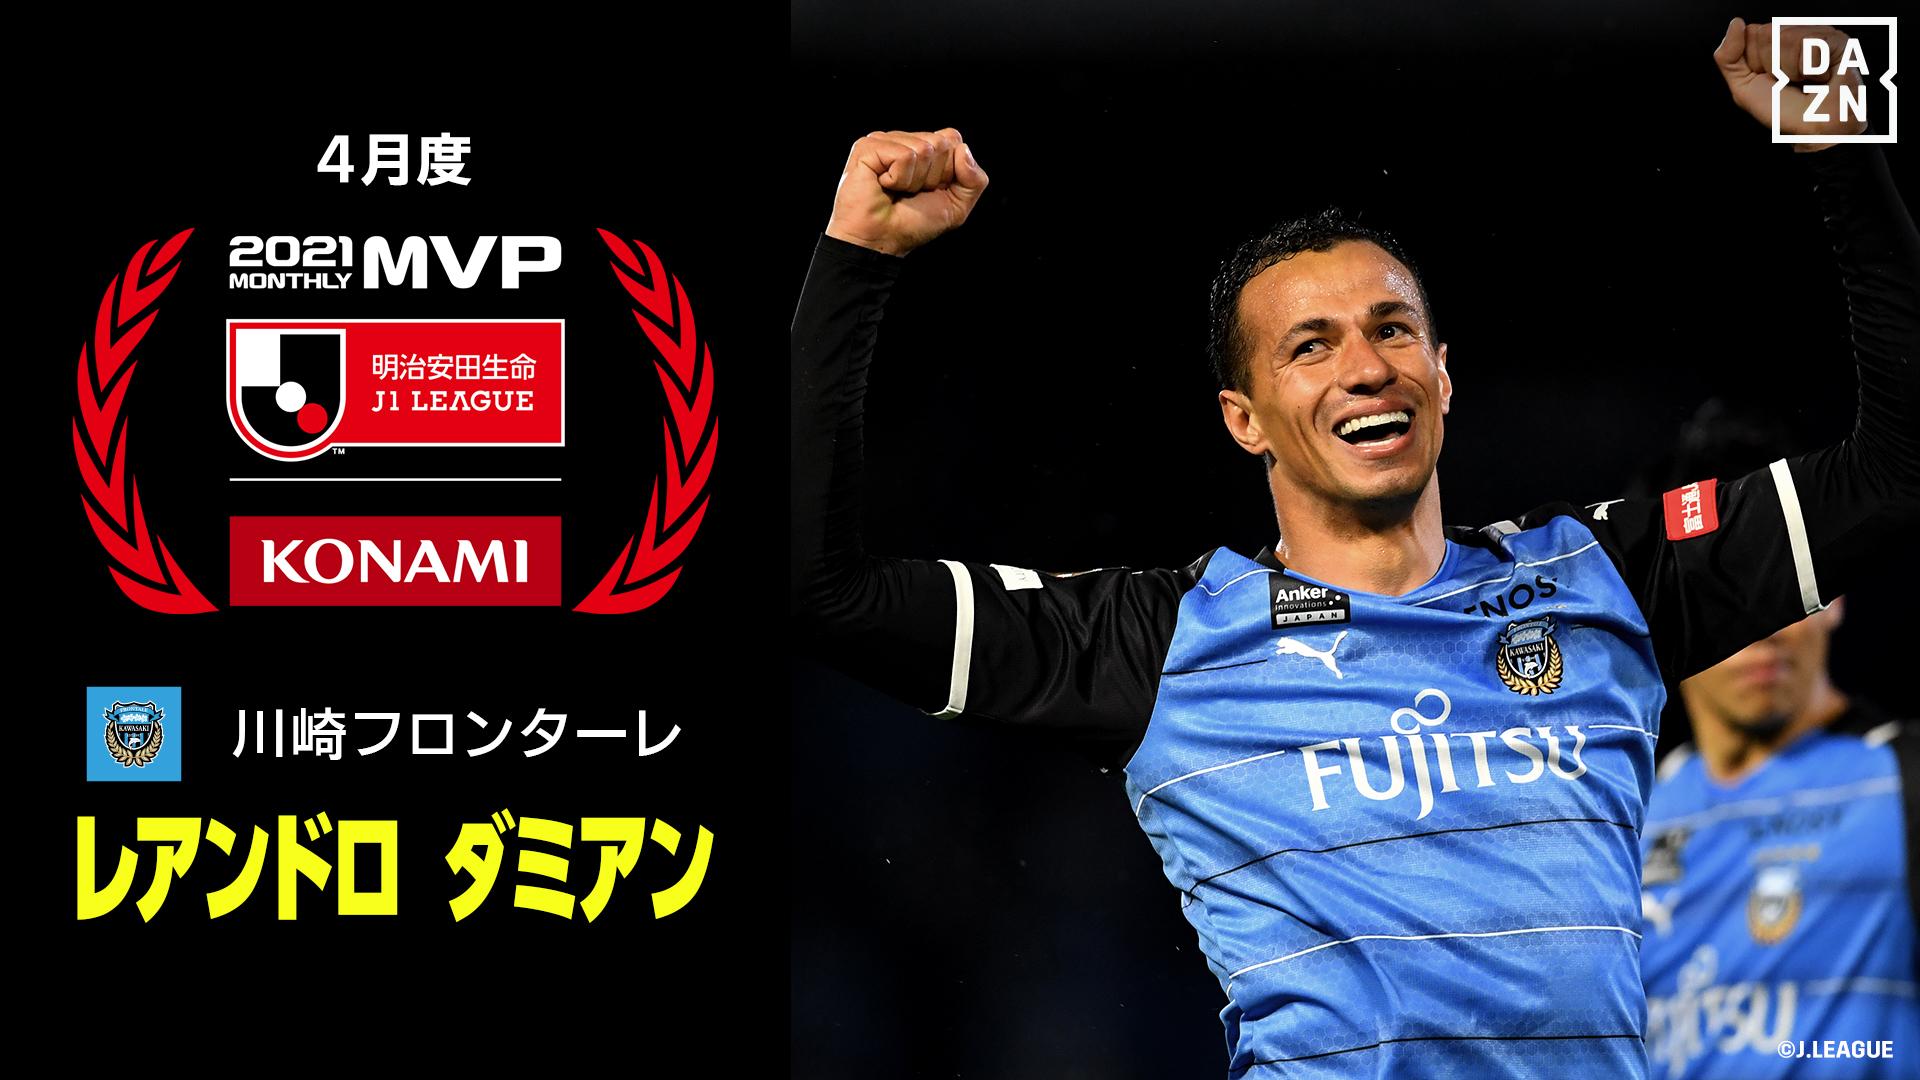 明治安田生命Jリーグ KONAMI月間MVP J1 4月度 レアンドロ ダミアン選手(川崎フロンターレ)